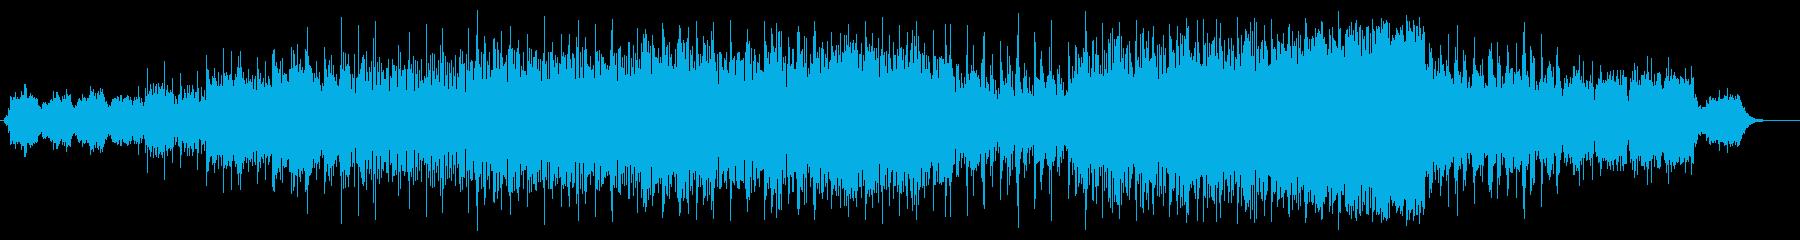 スケール感のあるエレクトリック・サウンドの再生済みの波形